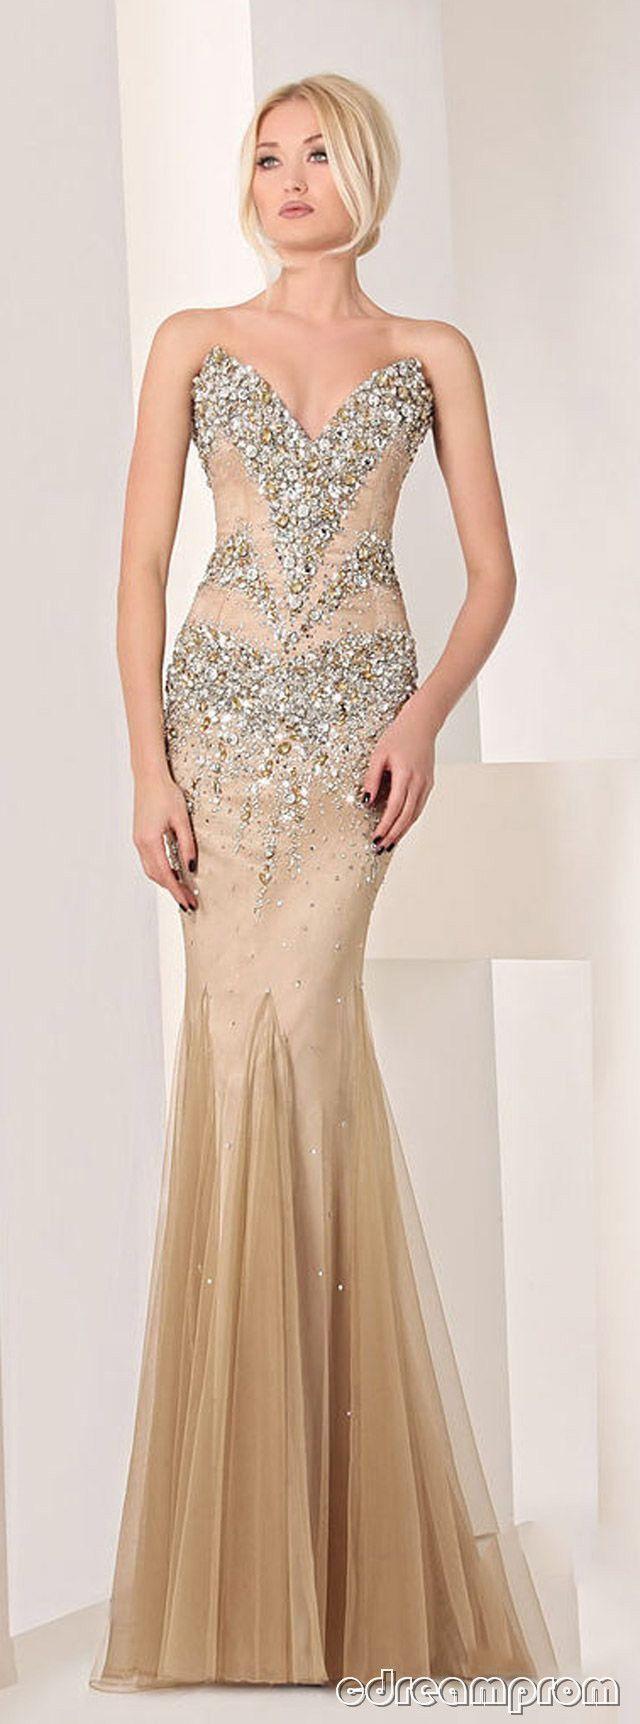 Mermaid prom dress prom gown evening dress pinterest dress